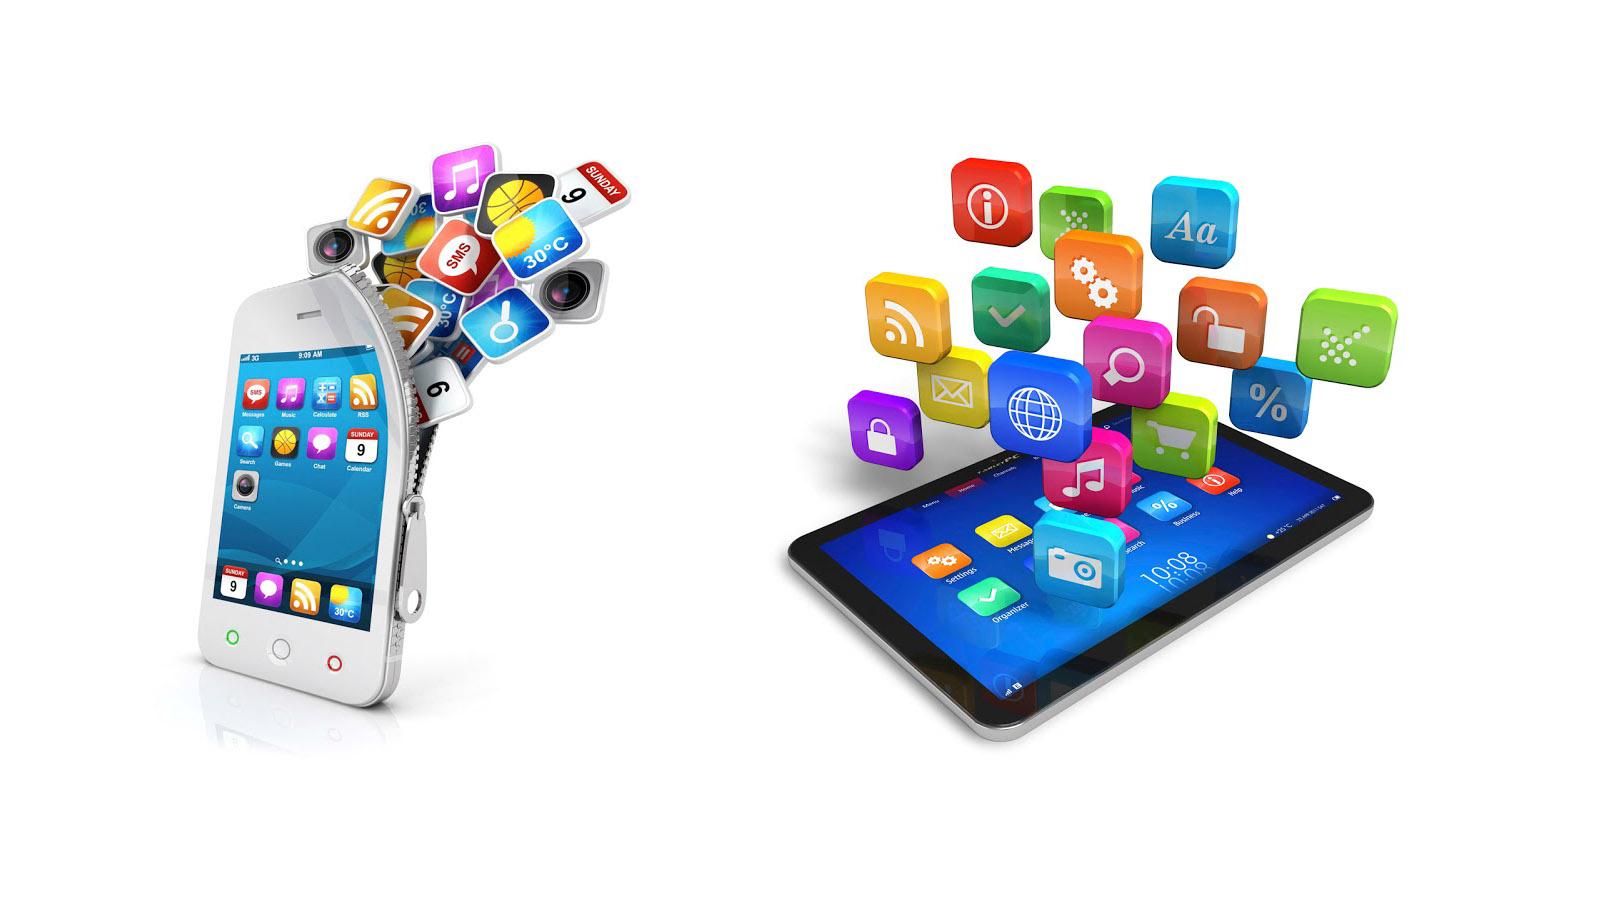 Секрет поиска лучших мобильных приложений: попробуйте всё